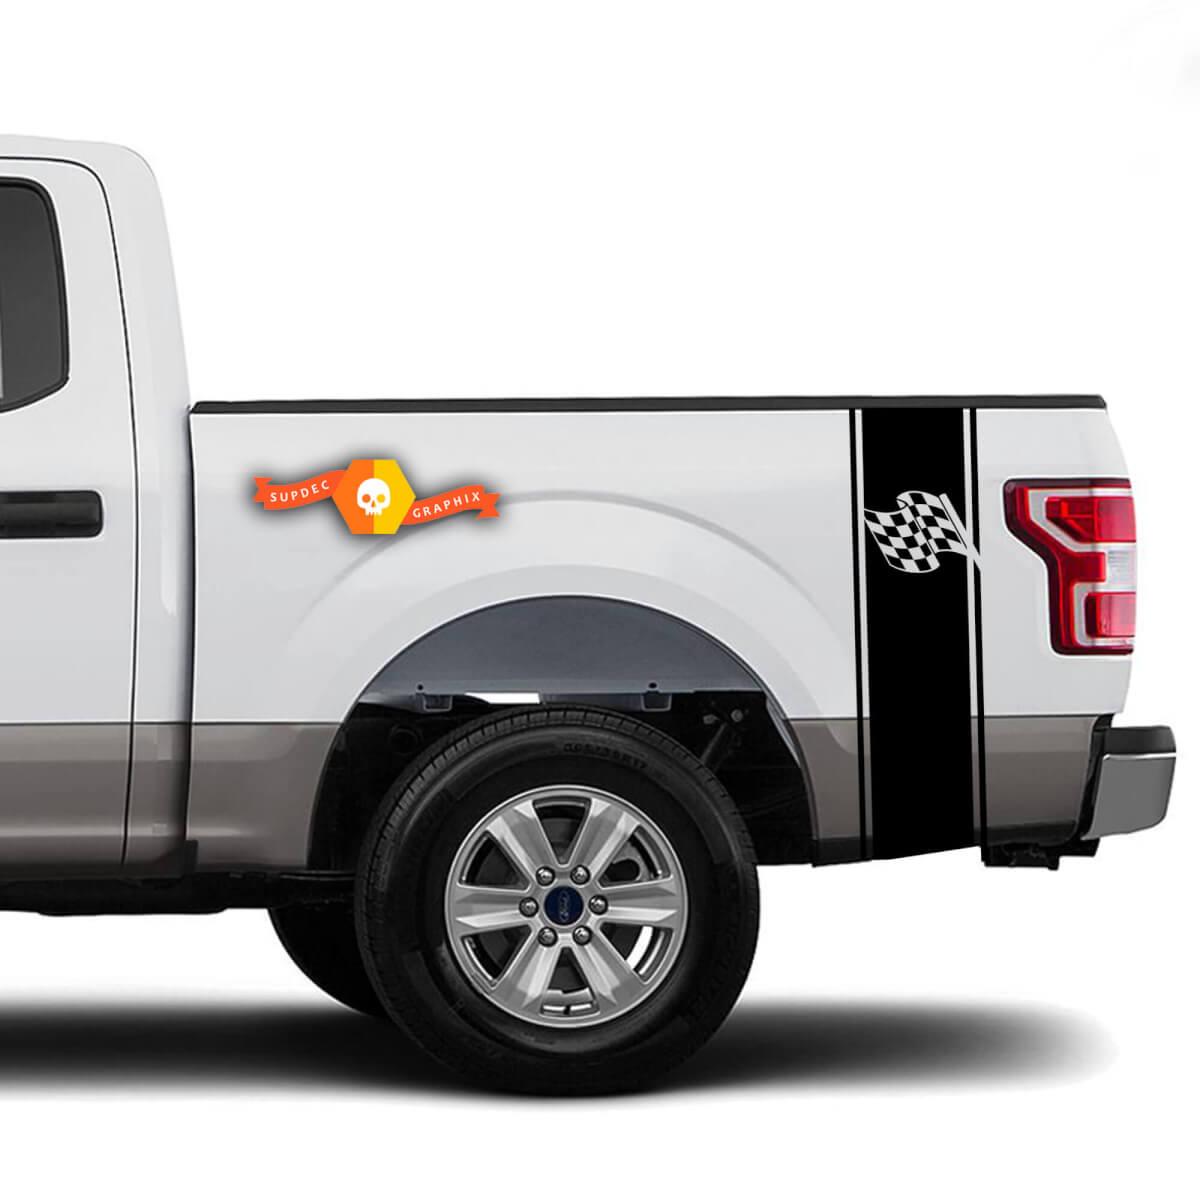 Karierte Flagge Rennfahrer Bed Side Stripes Truck Aufkleber - Passend für Ram Chevy Ford Jeep Gladiator